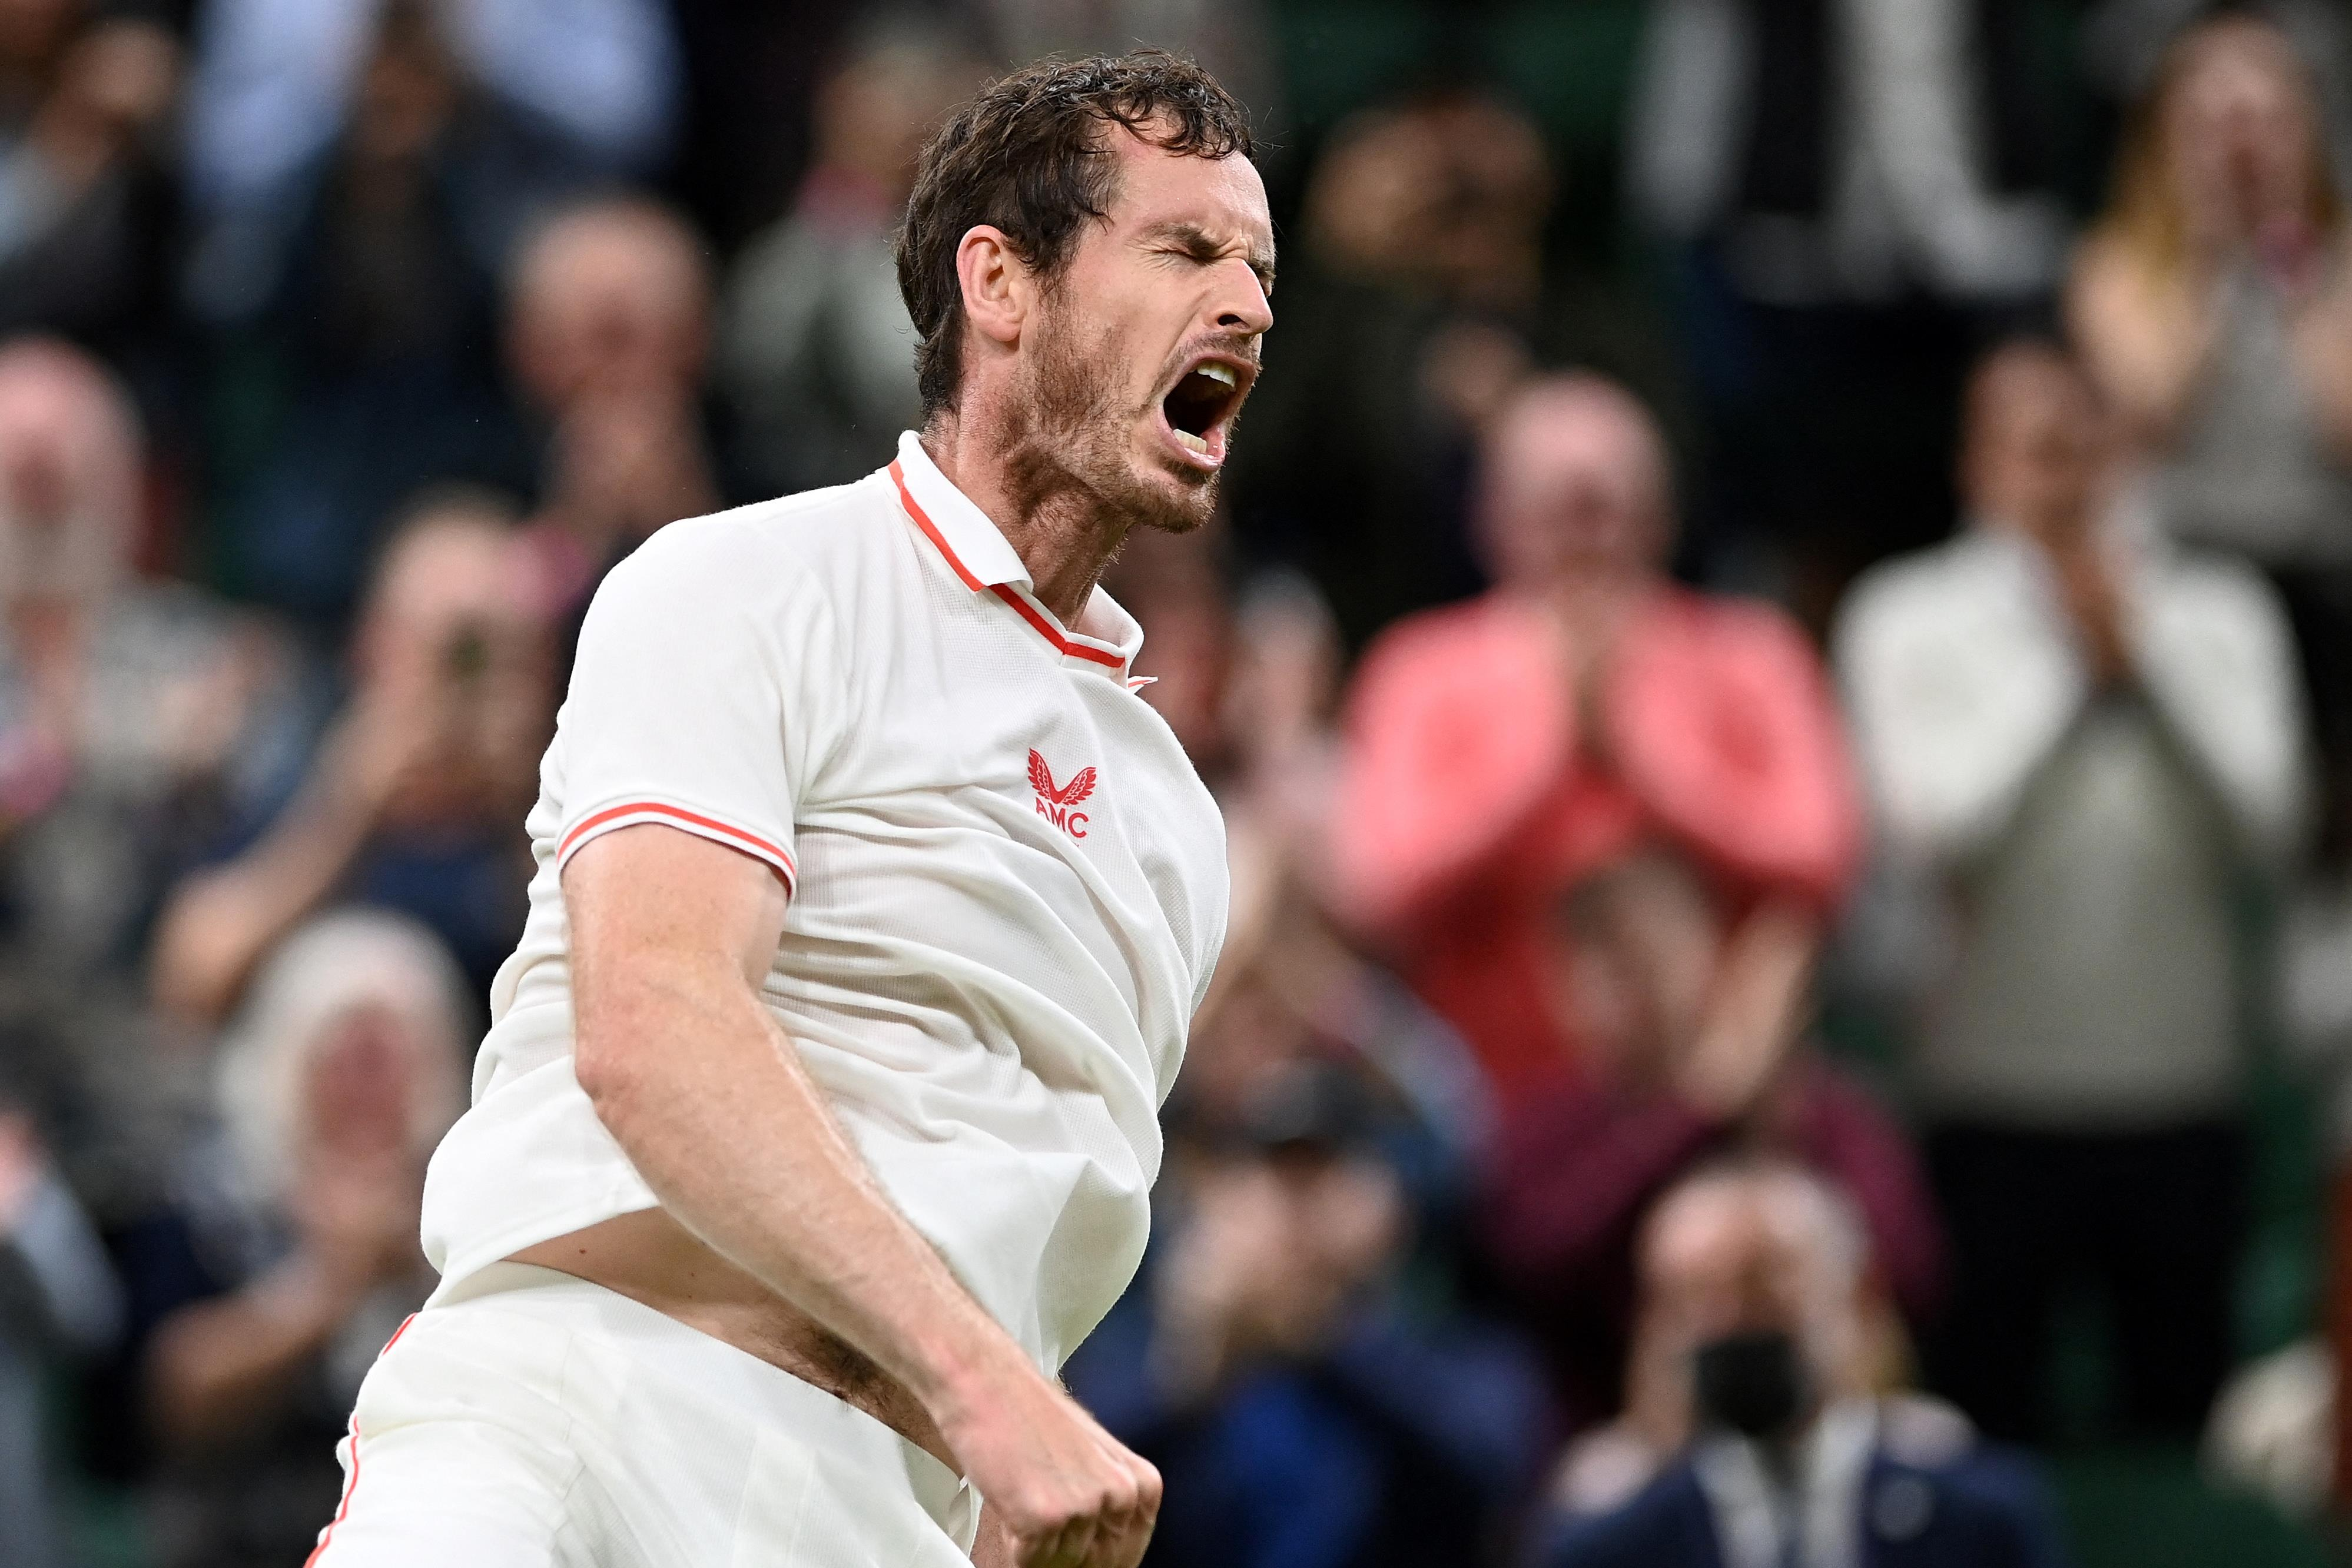 Andy Murray fantasztikus győzelemmel tért vissza Wimbledonban